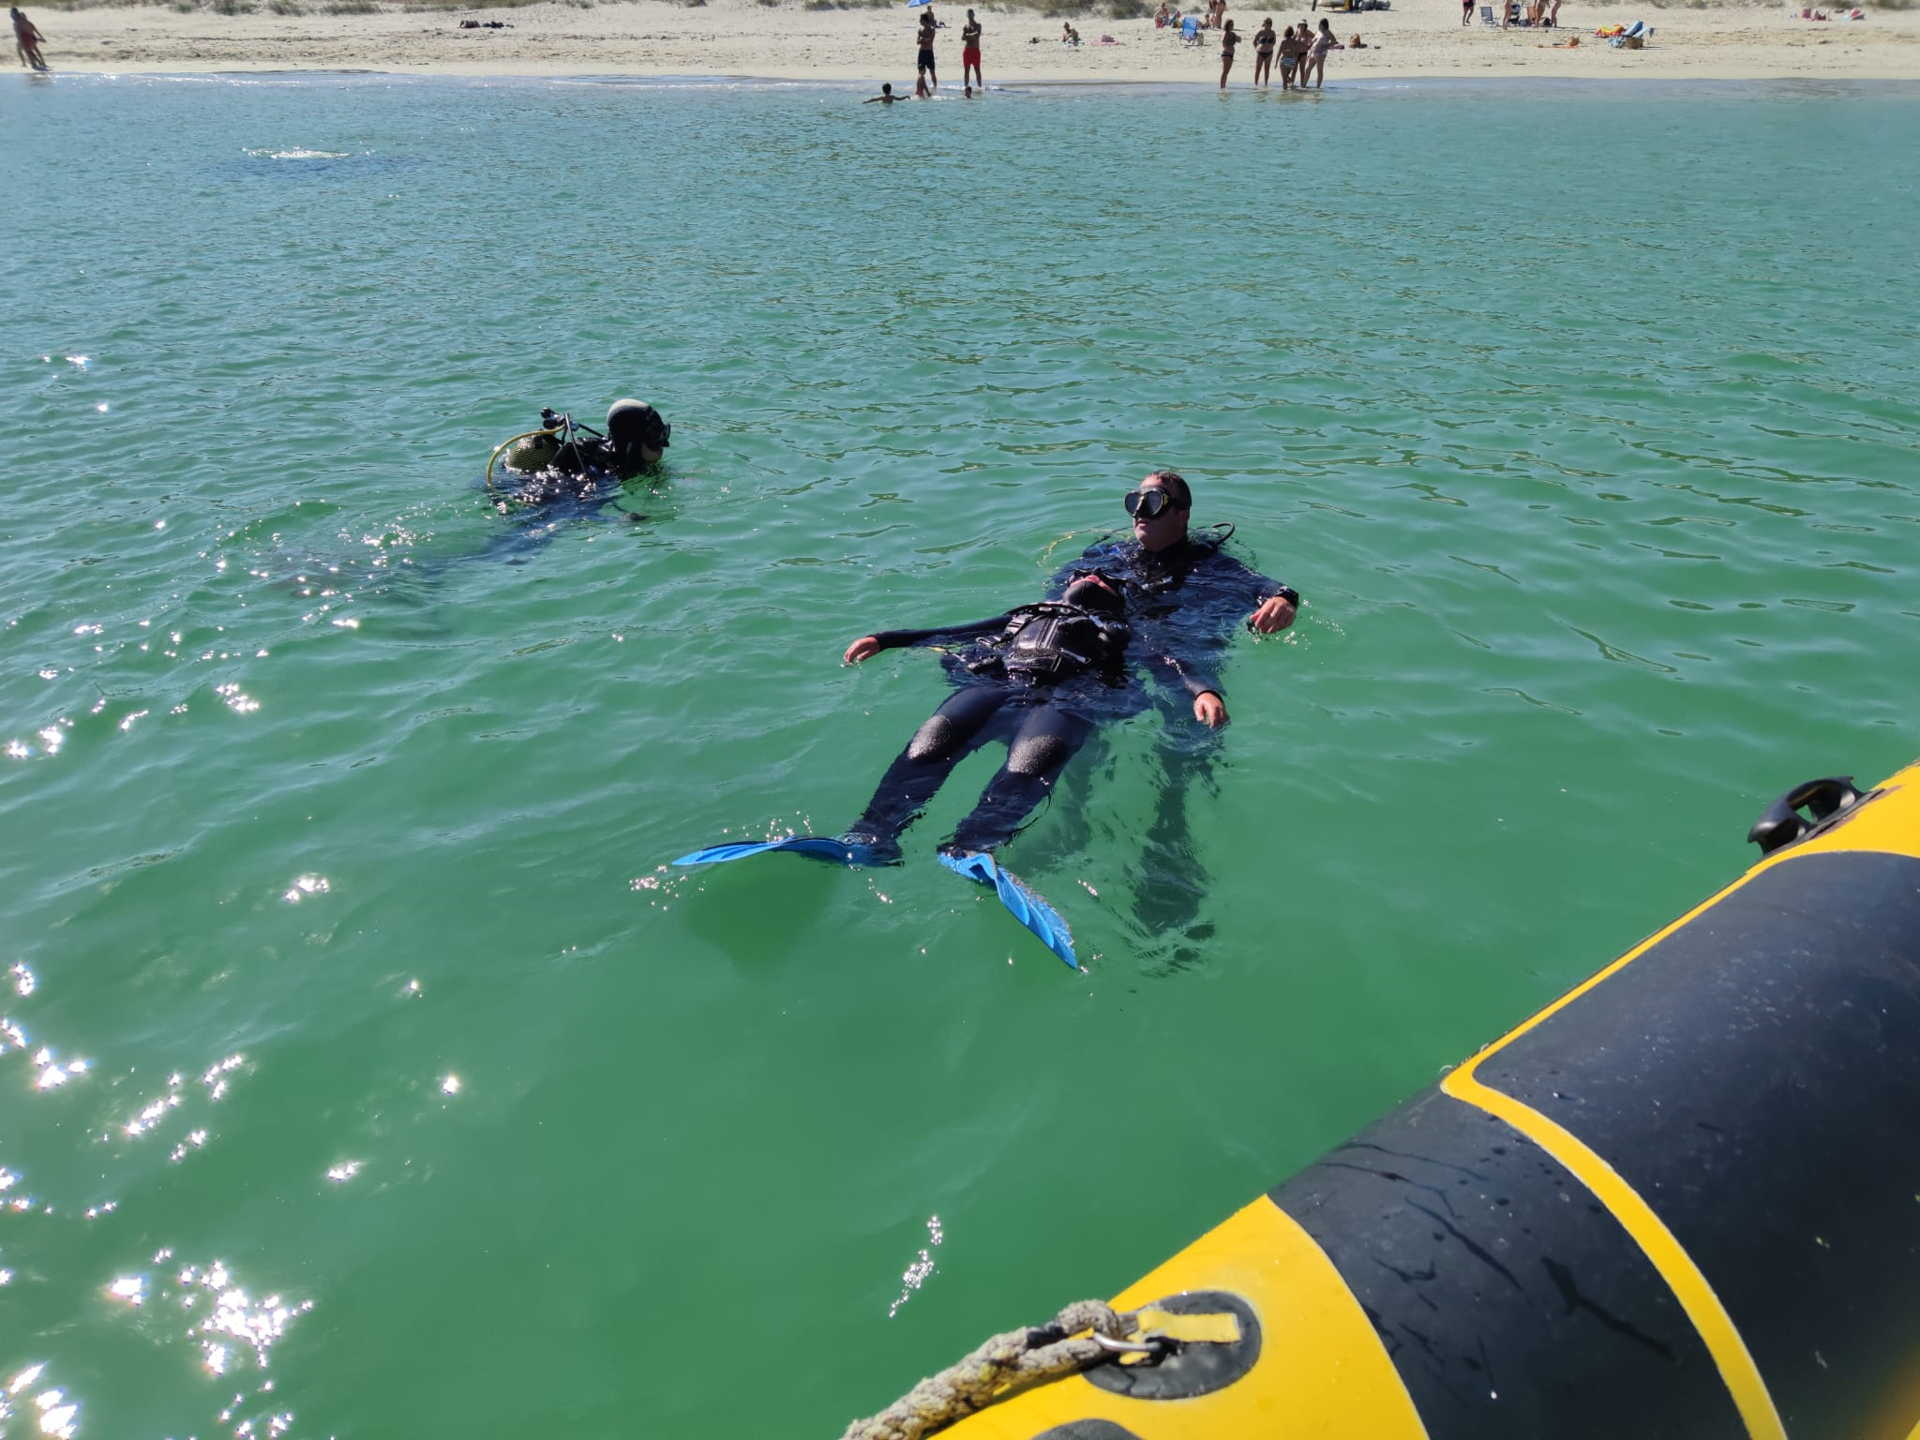 Buceador de Rescate - PADI Rescue Diver